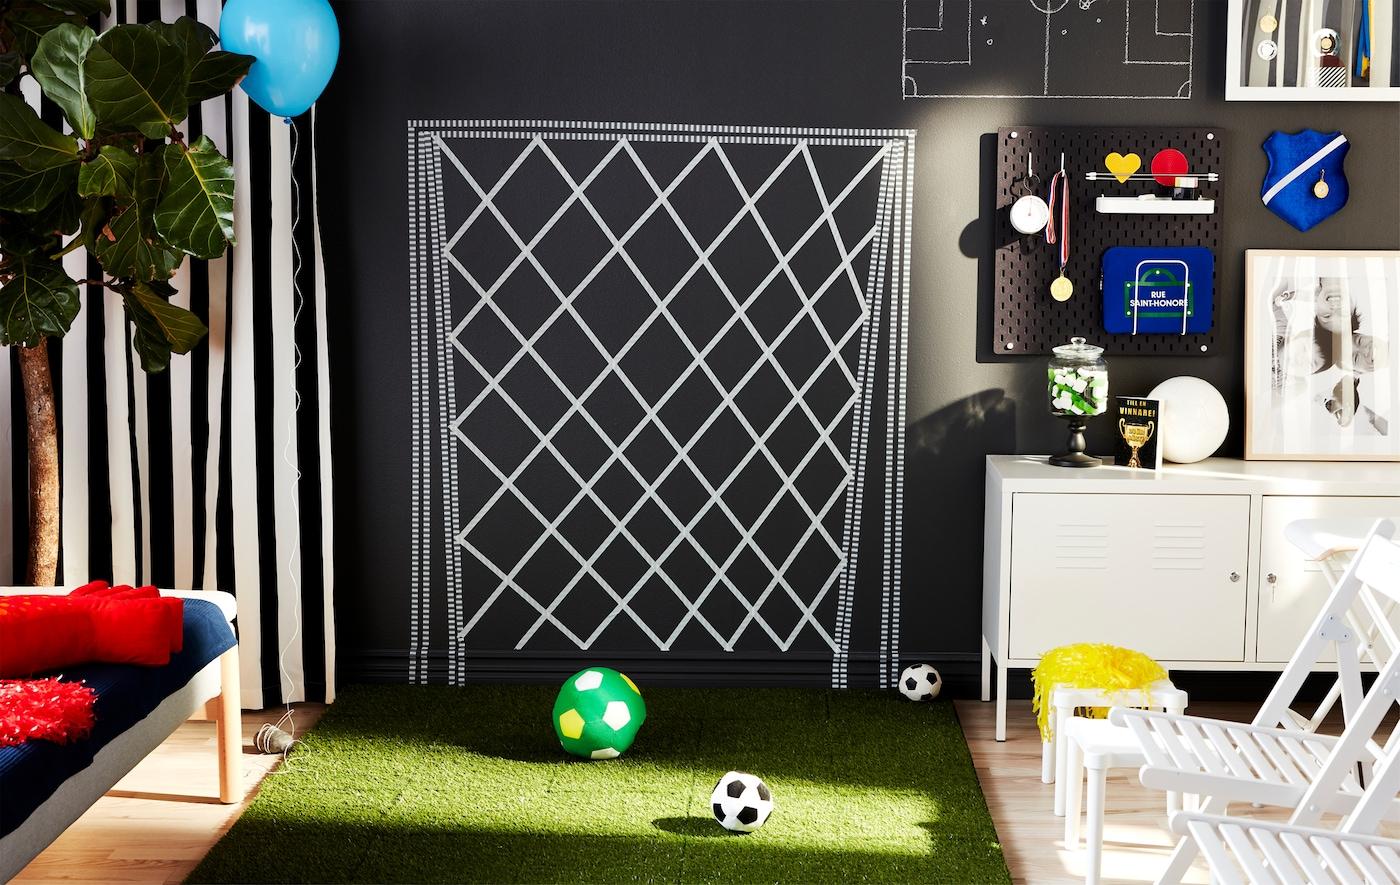 Dnevna soba s trakom na zidu izlepljenom u obliku fudbalskog gola, parče veštačke trave, lopte, rešenja za sedenje i navijački pribor.